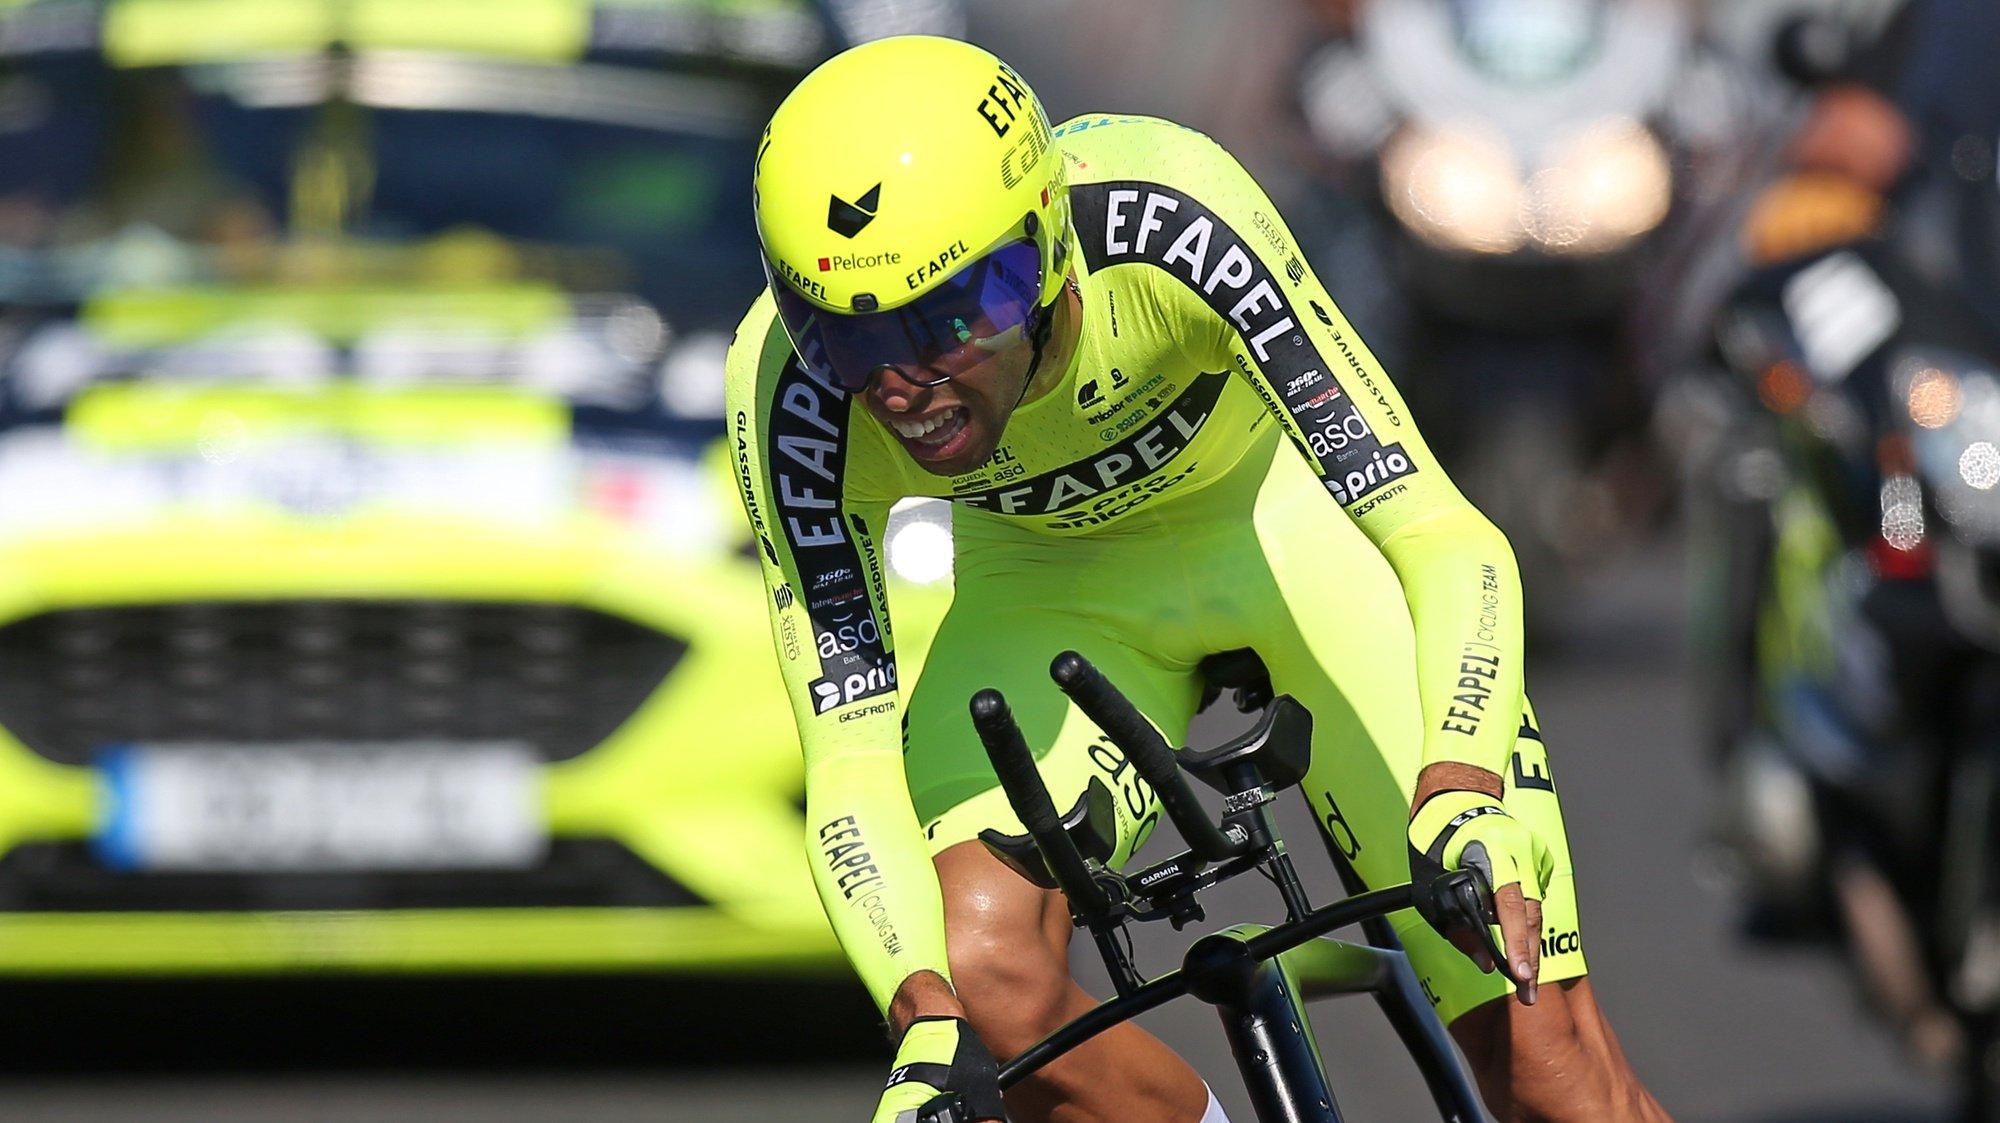 O ciclista da equipa Efapel, Rafael Reis, pedala para a vitória do prólogo da 82ª Volta a Portugal em Bicicleta, com a distância de 5,4 km, em Lisboa, 04 de agosto de 2021. NUNO VEIGA/LUSA